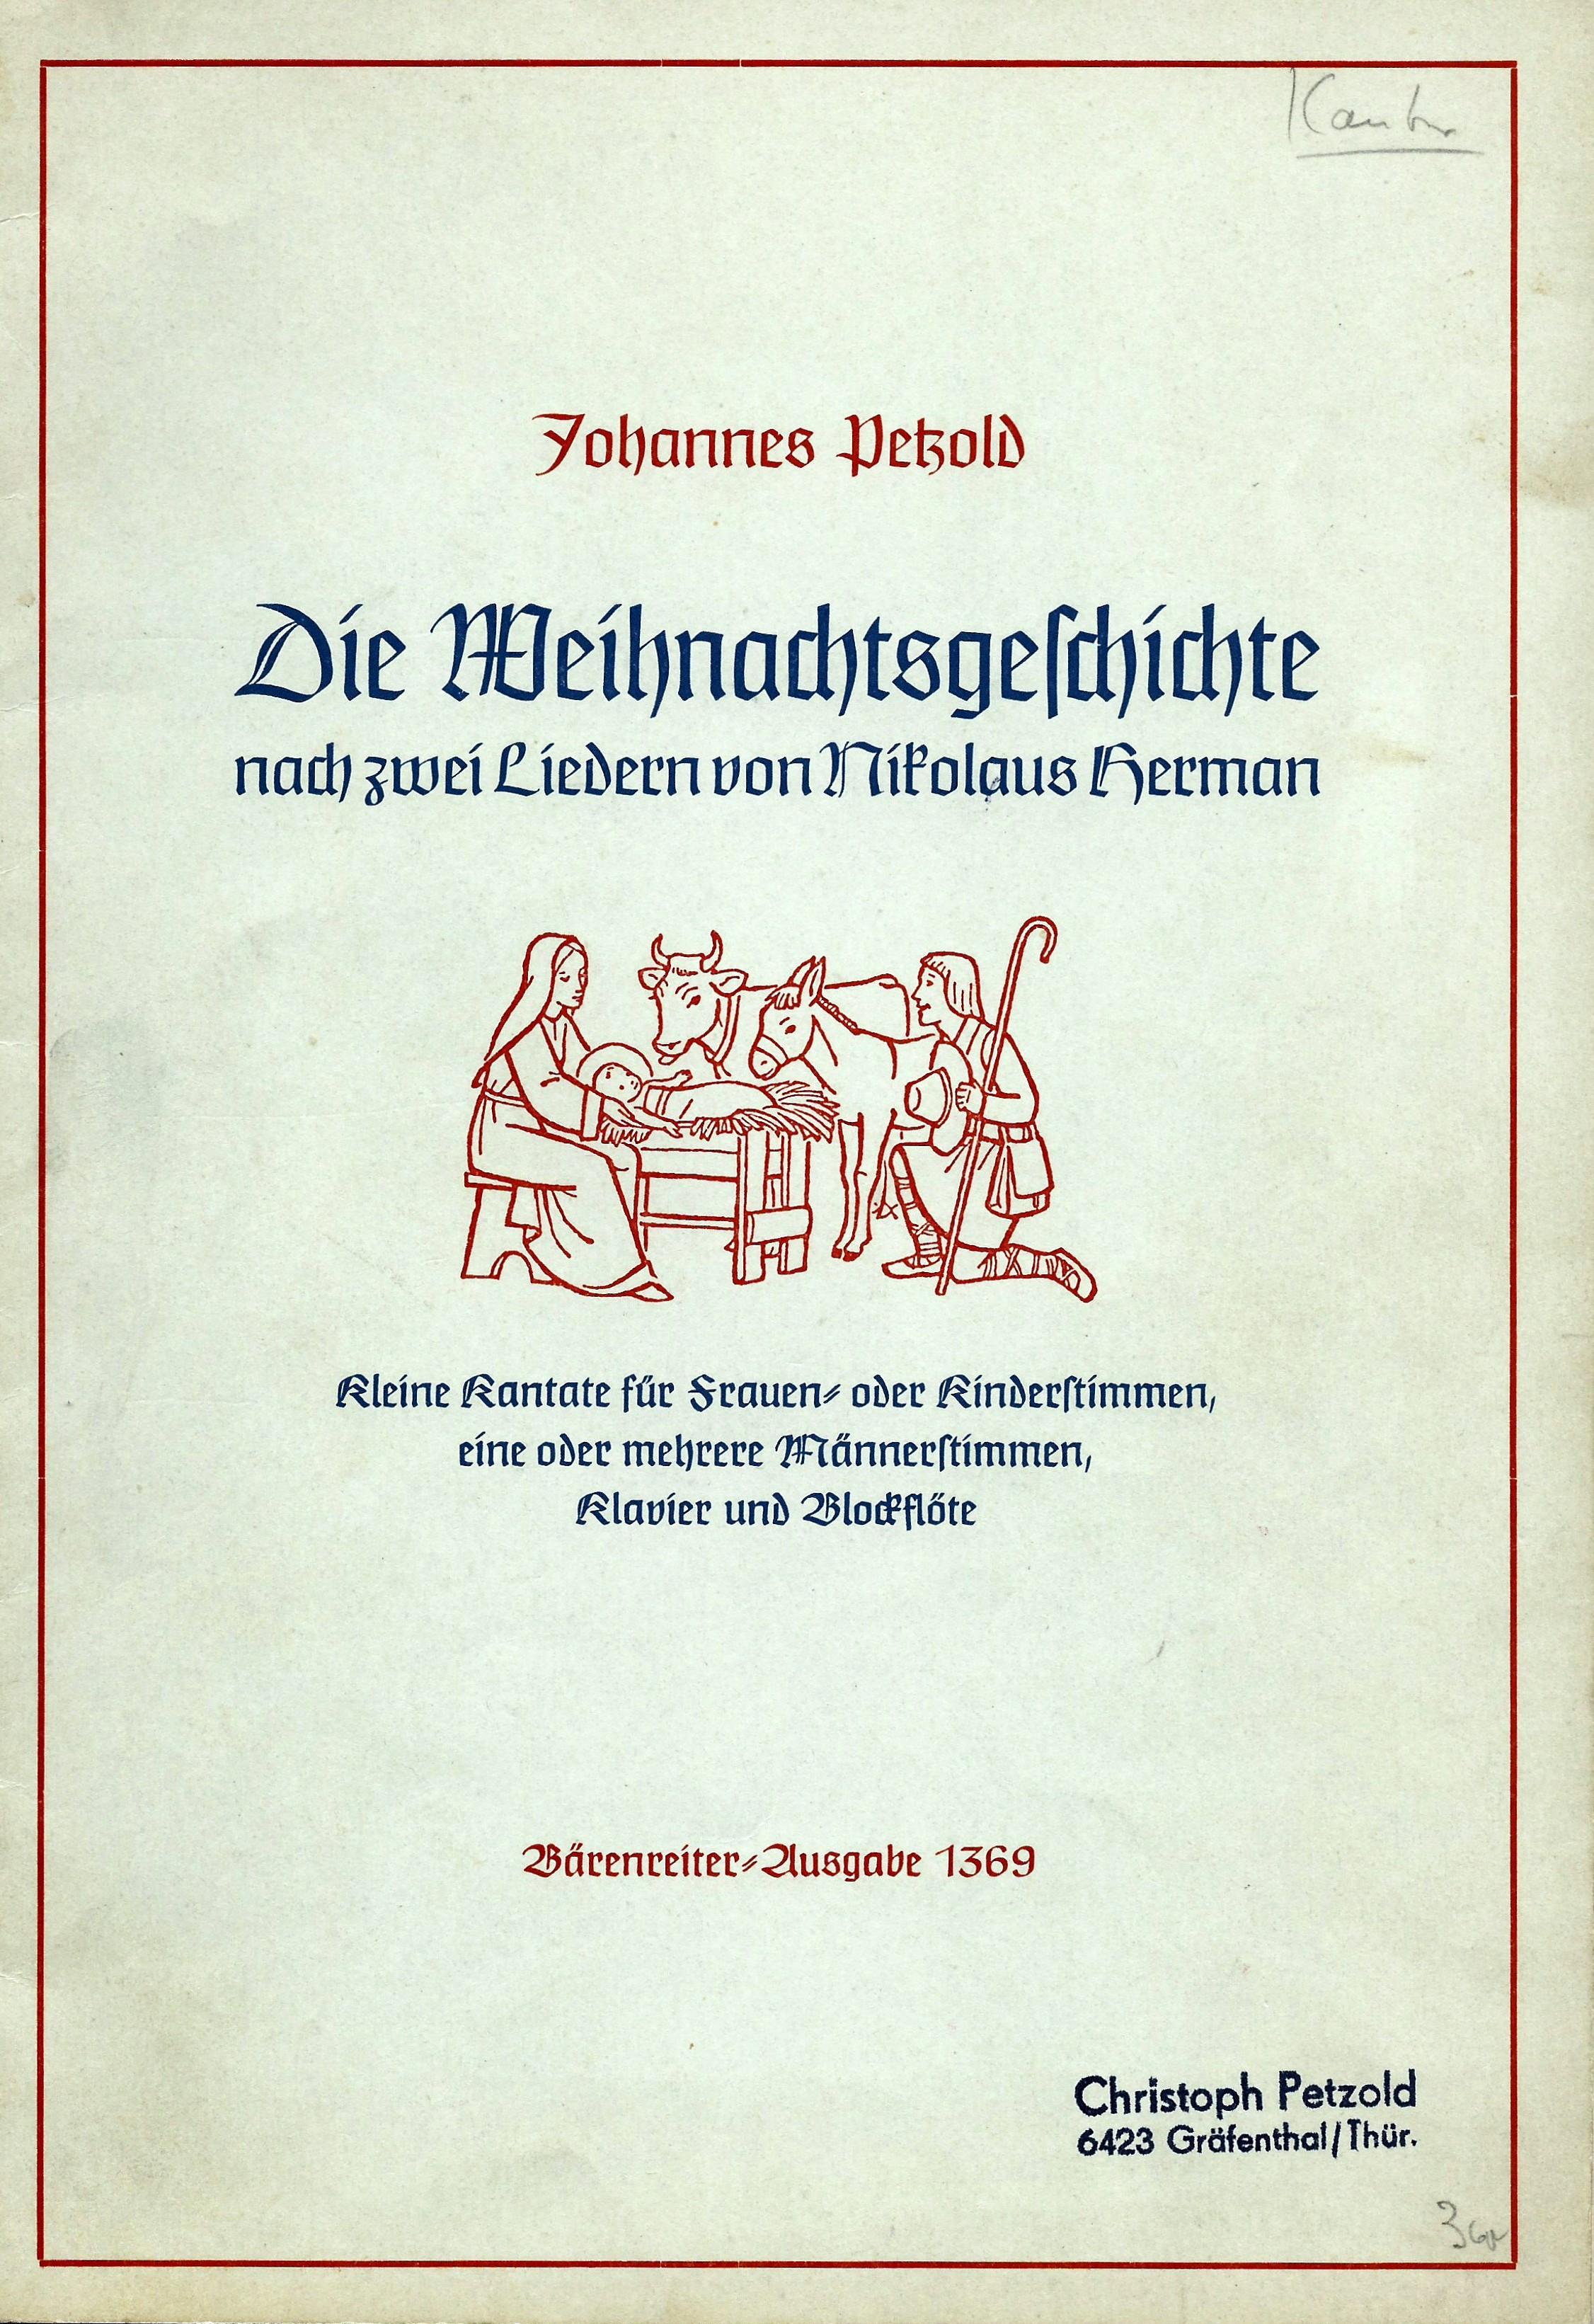 Johannes Petzold - Die Weihnachtsgeschichte